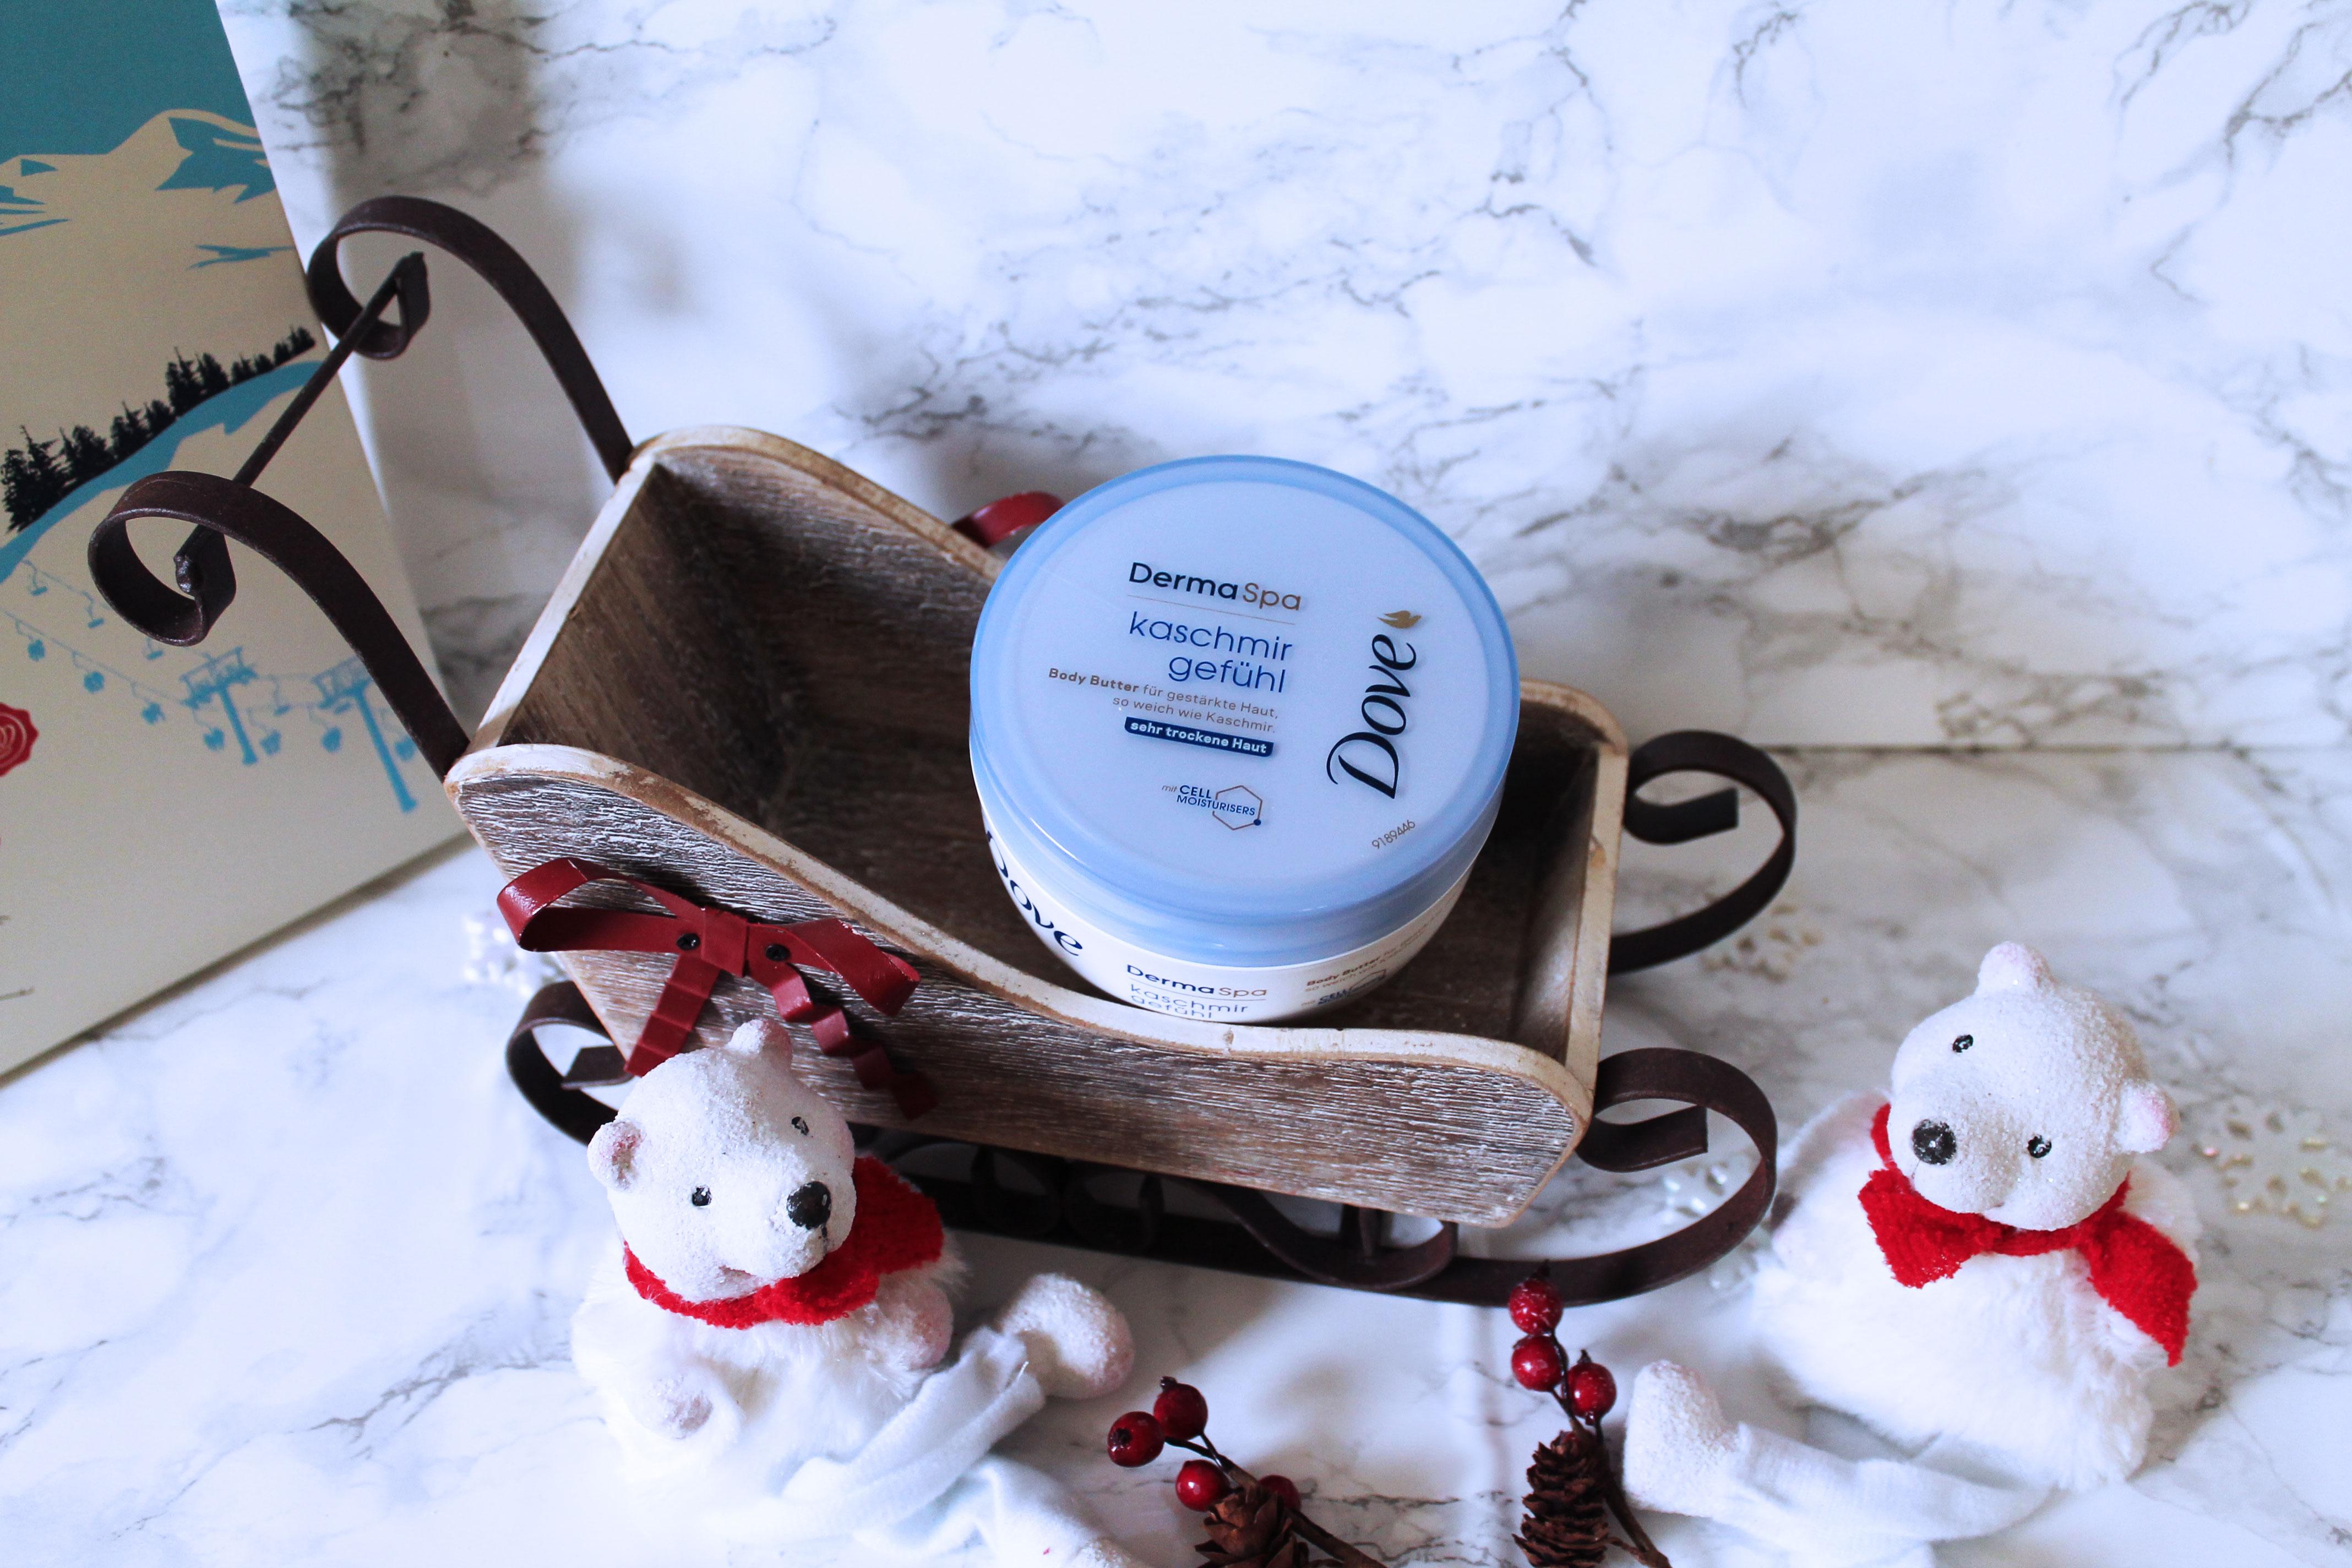 glossybox-winter-wishlist-edition-kardiaserena-dove-body-butter-dermaspa